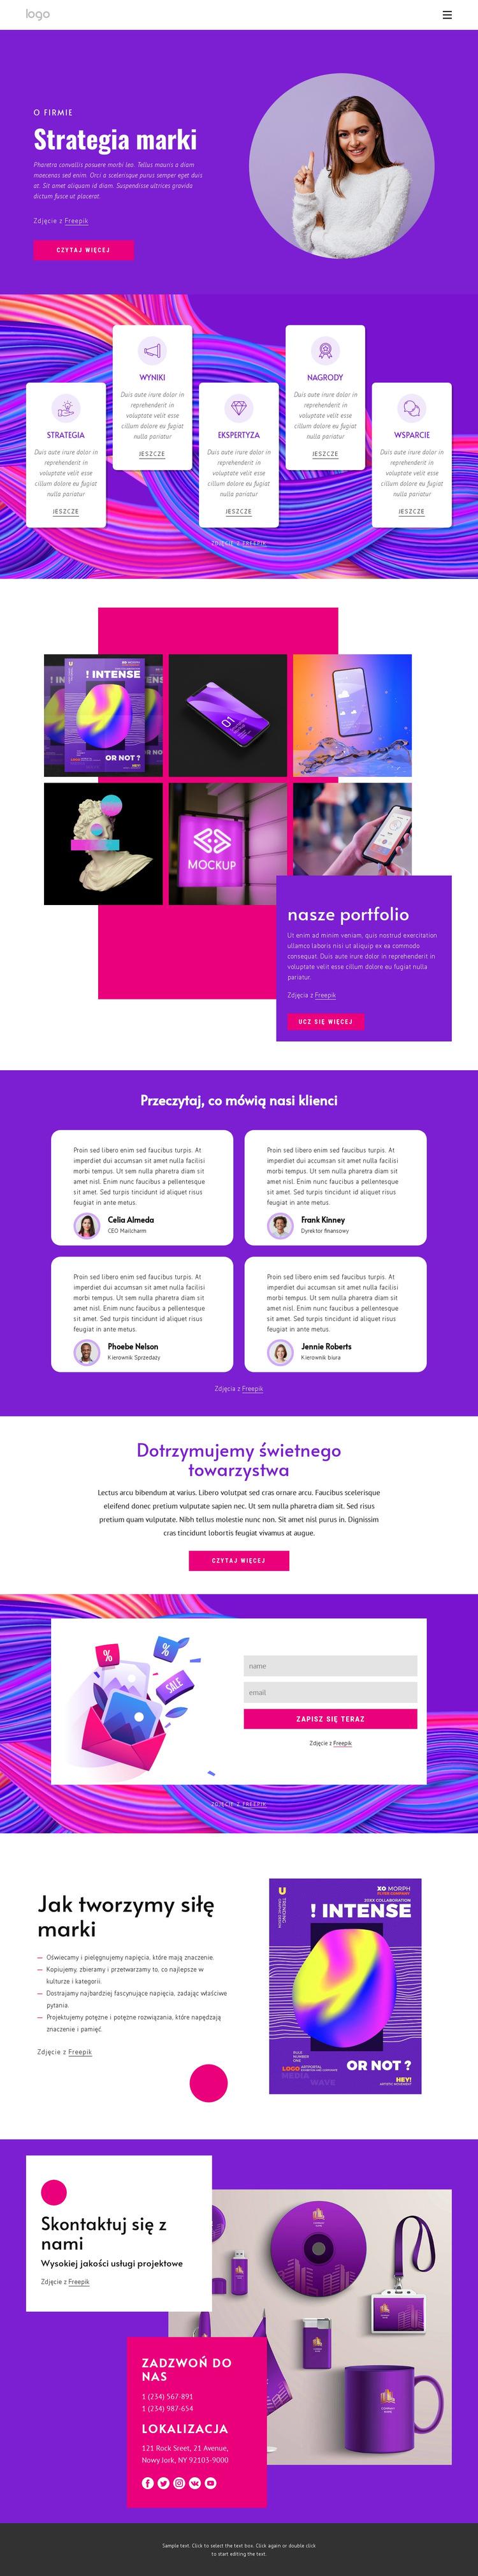 Agencja strategii marki Szablon witryny sieci Web